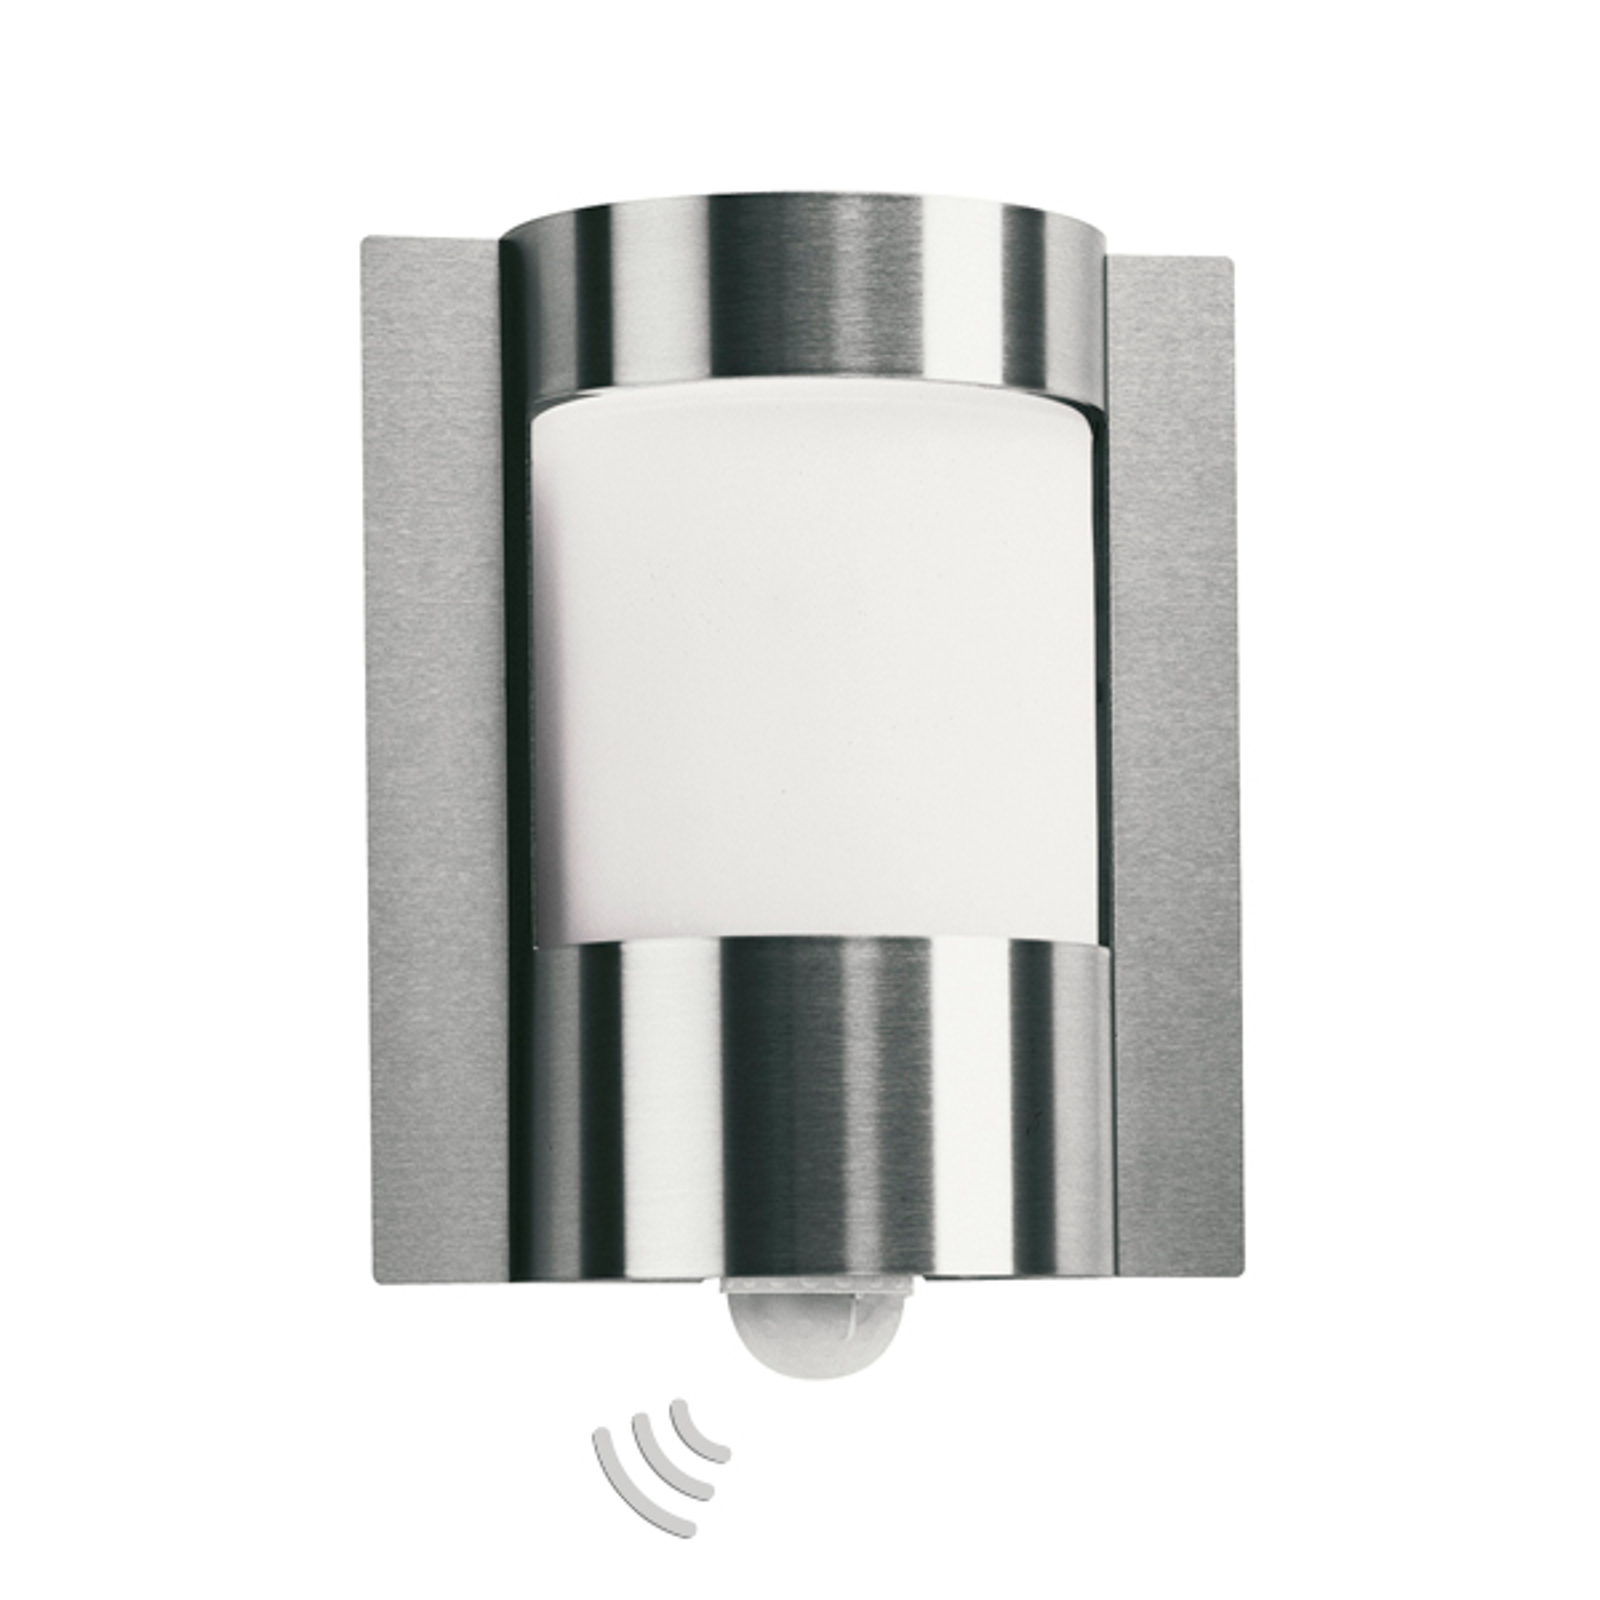 Buitenwandlamp 437 met bewegingssensor